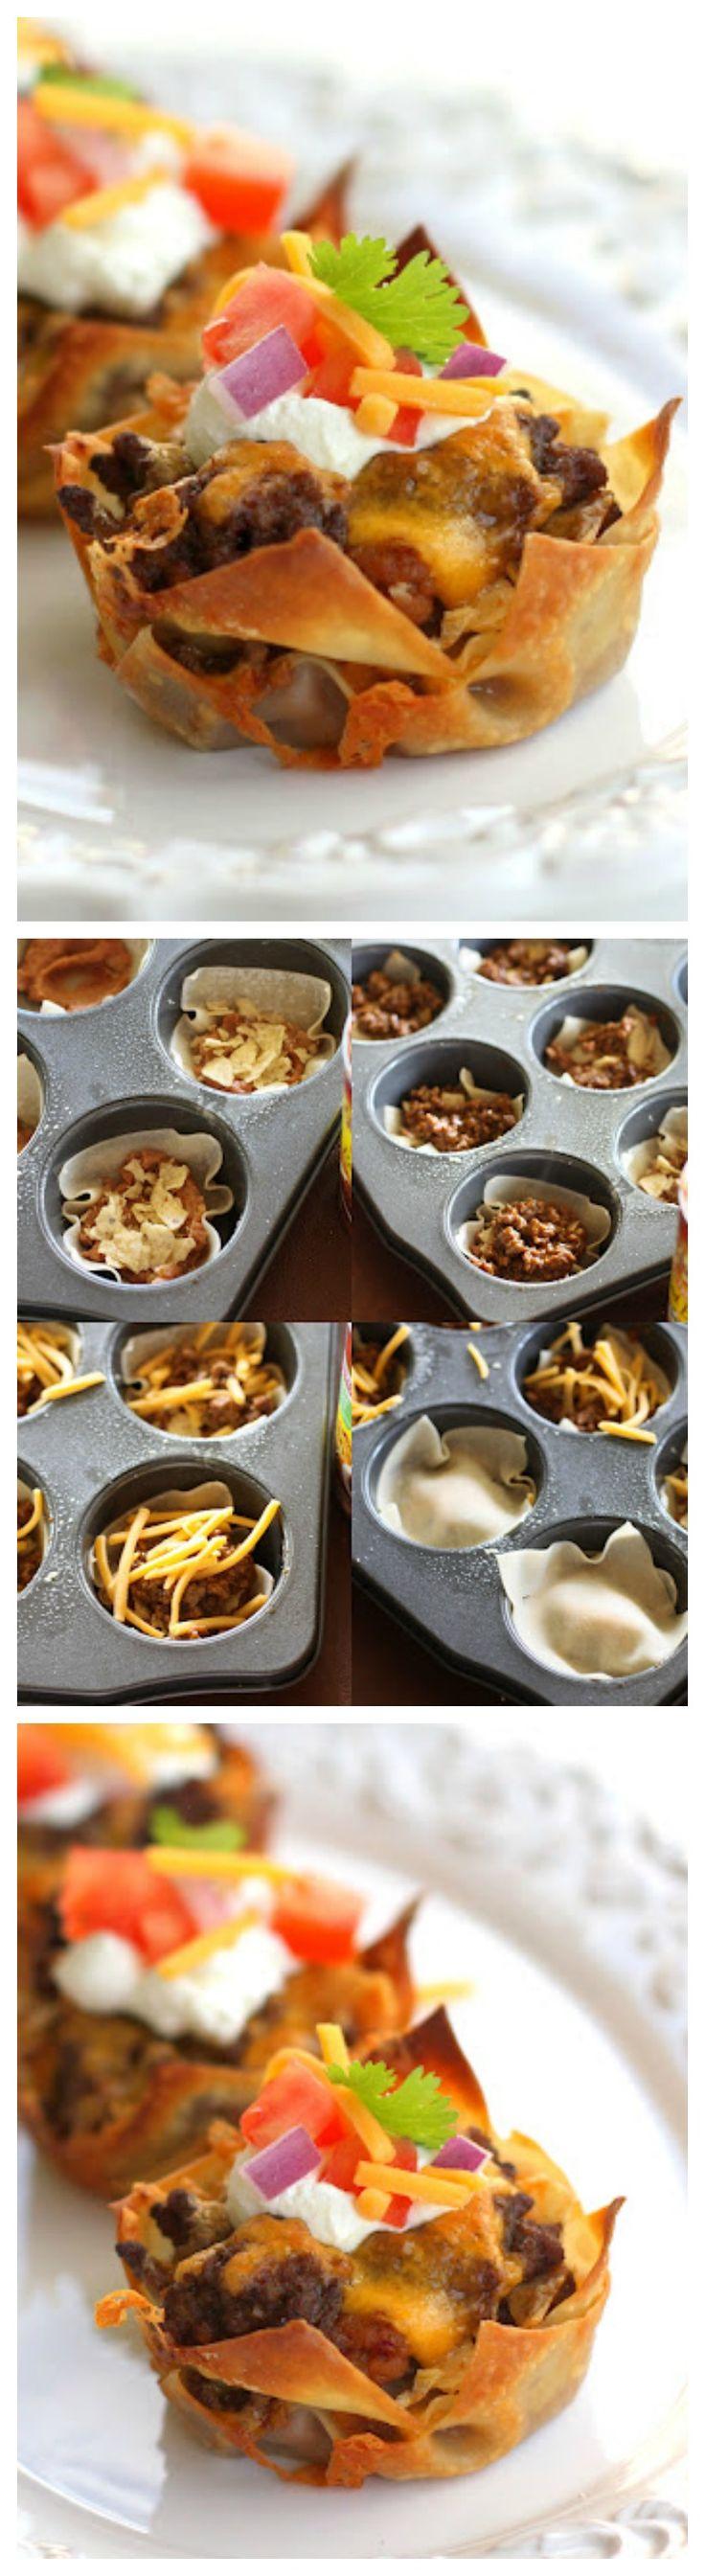 Taco Cupcakes.... mit Tofu Krümmeln und Guacamole Topping Entweder mit WanTan Teigblättern, Strudelteig, Yufkateig oder aber aus Wraps kleine formen....